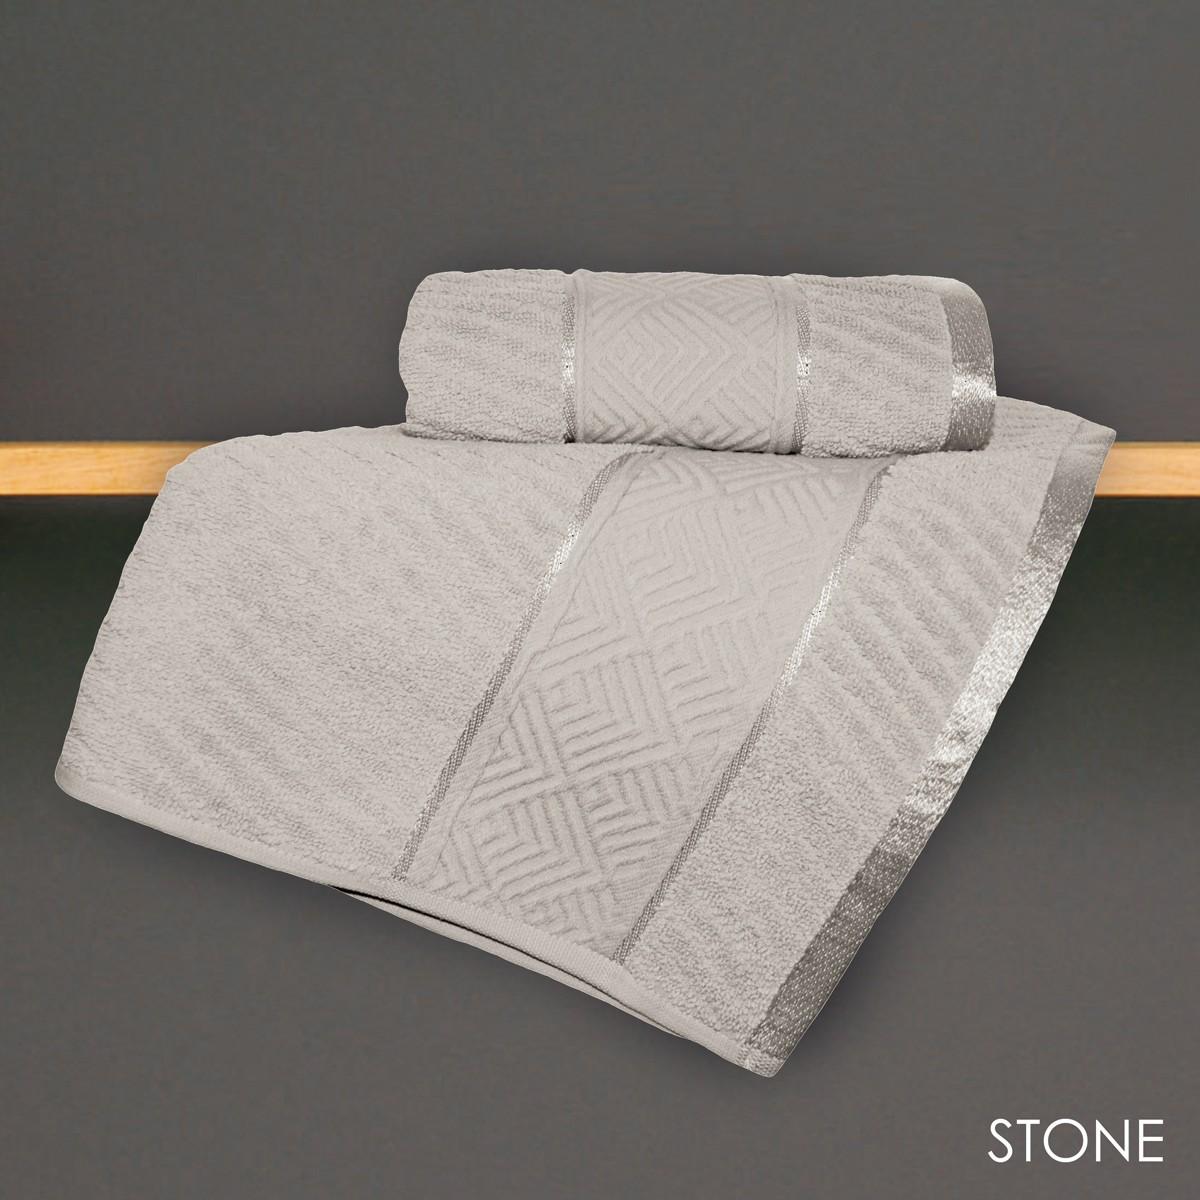 Πετσέτα Σώματος (70x140) V19.69 Mimoza Stone